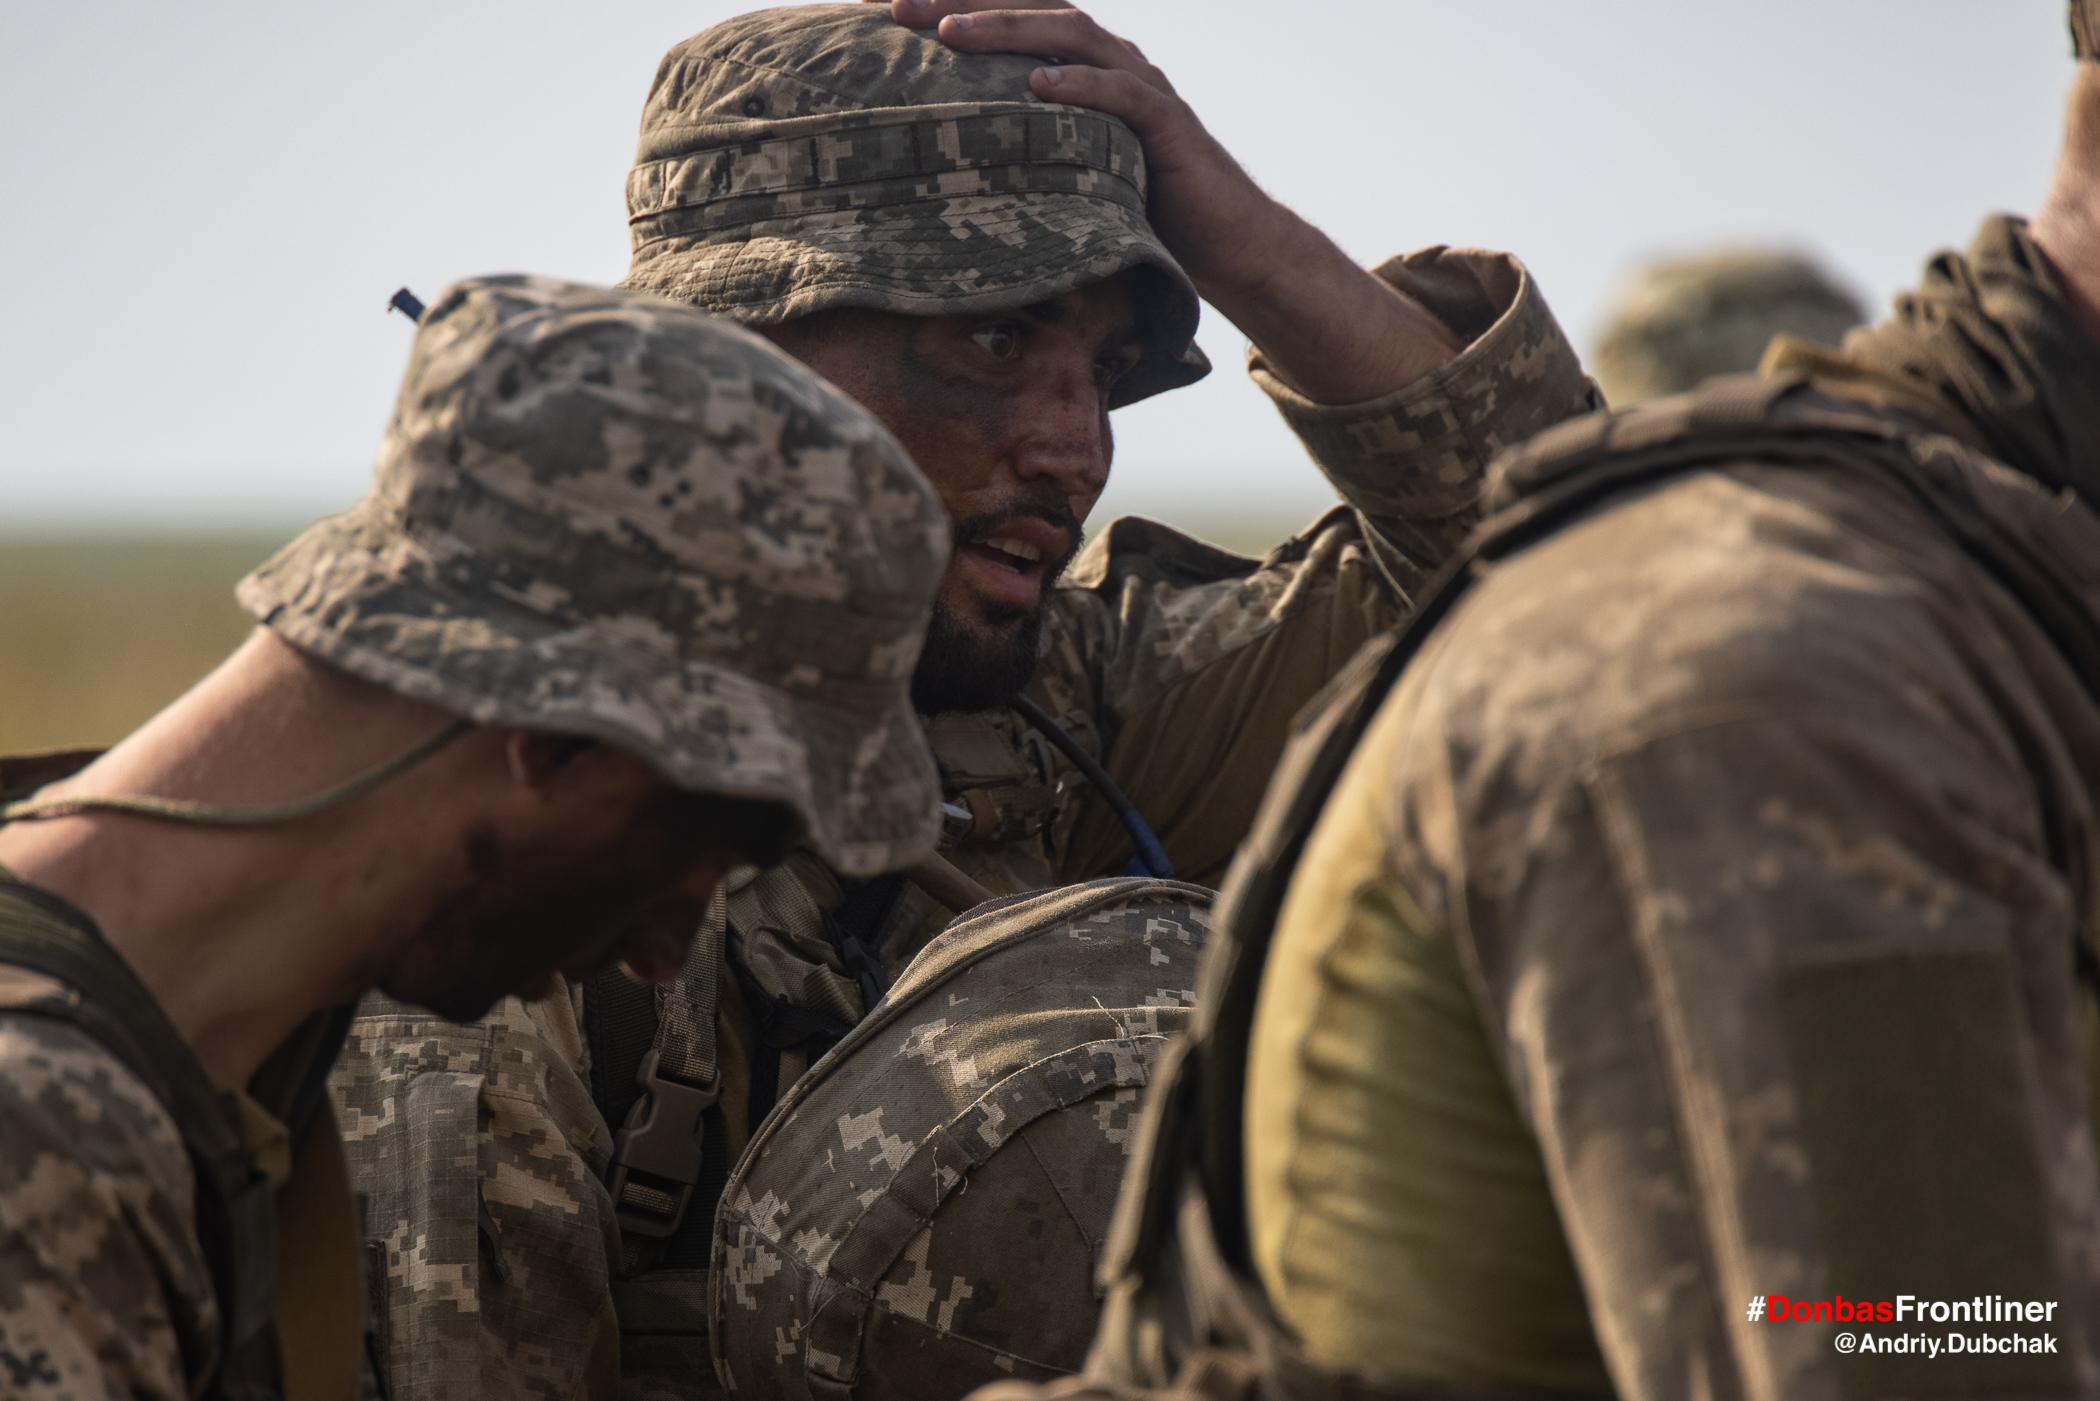 Матрос морської піхоти. Бойове тренування 503-го батальйону морської піхоти на Приазов'ї, липень 2021 року